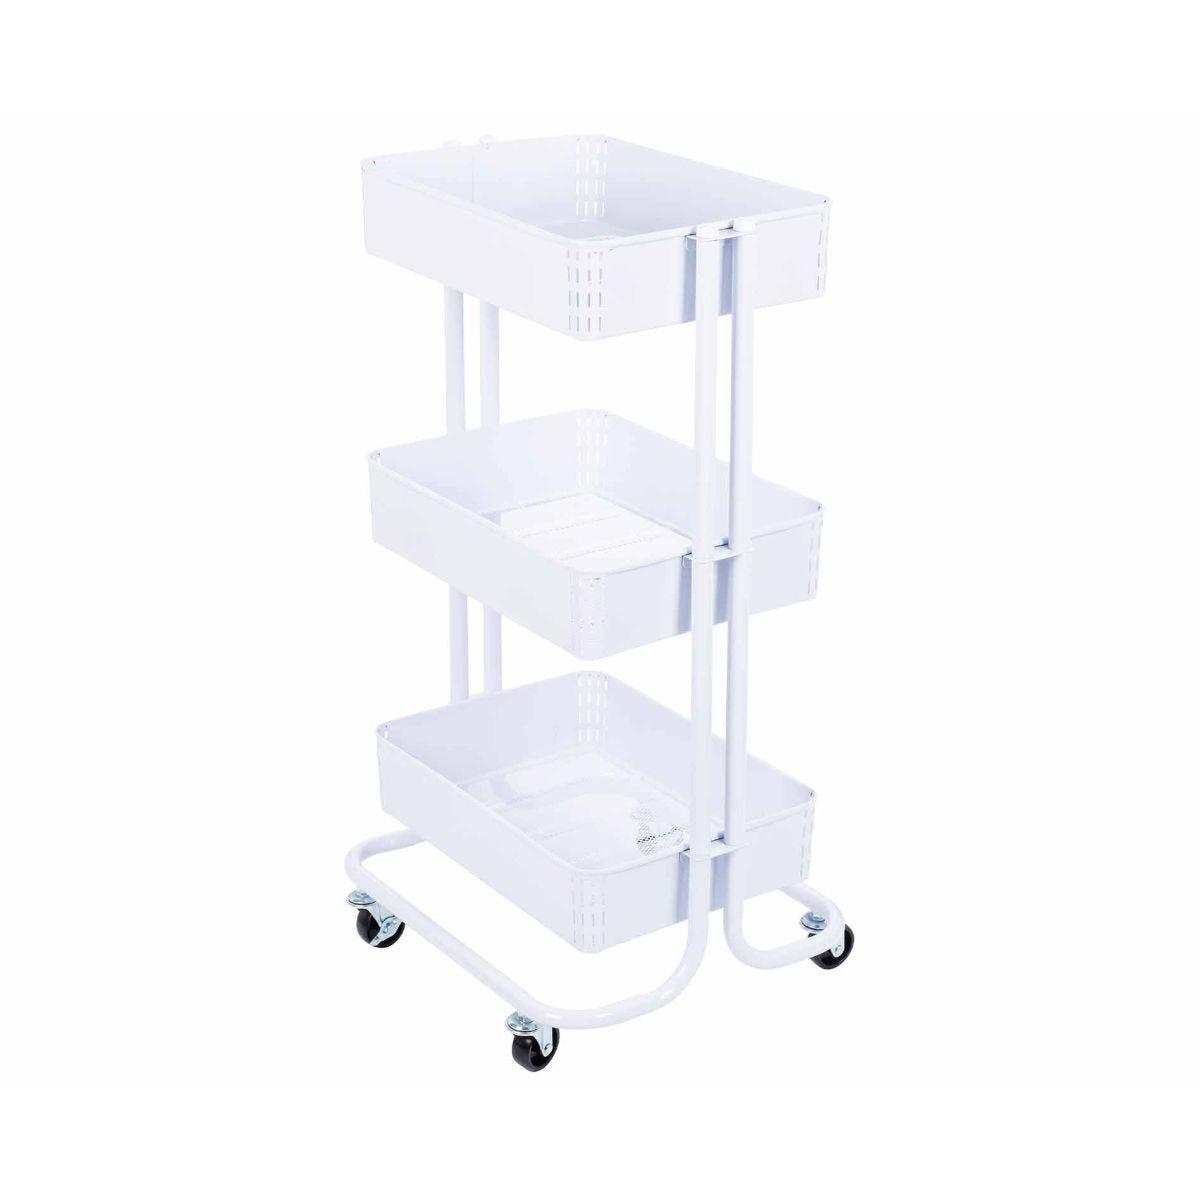 Ryman 3 Tier Storage Trolley White